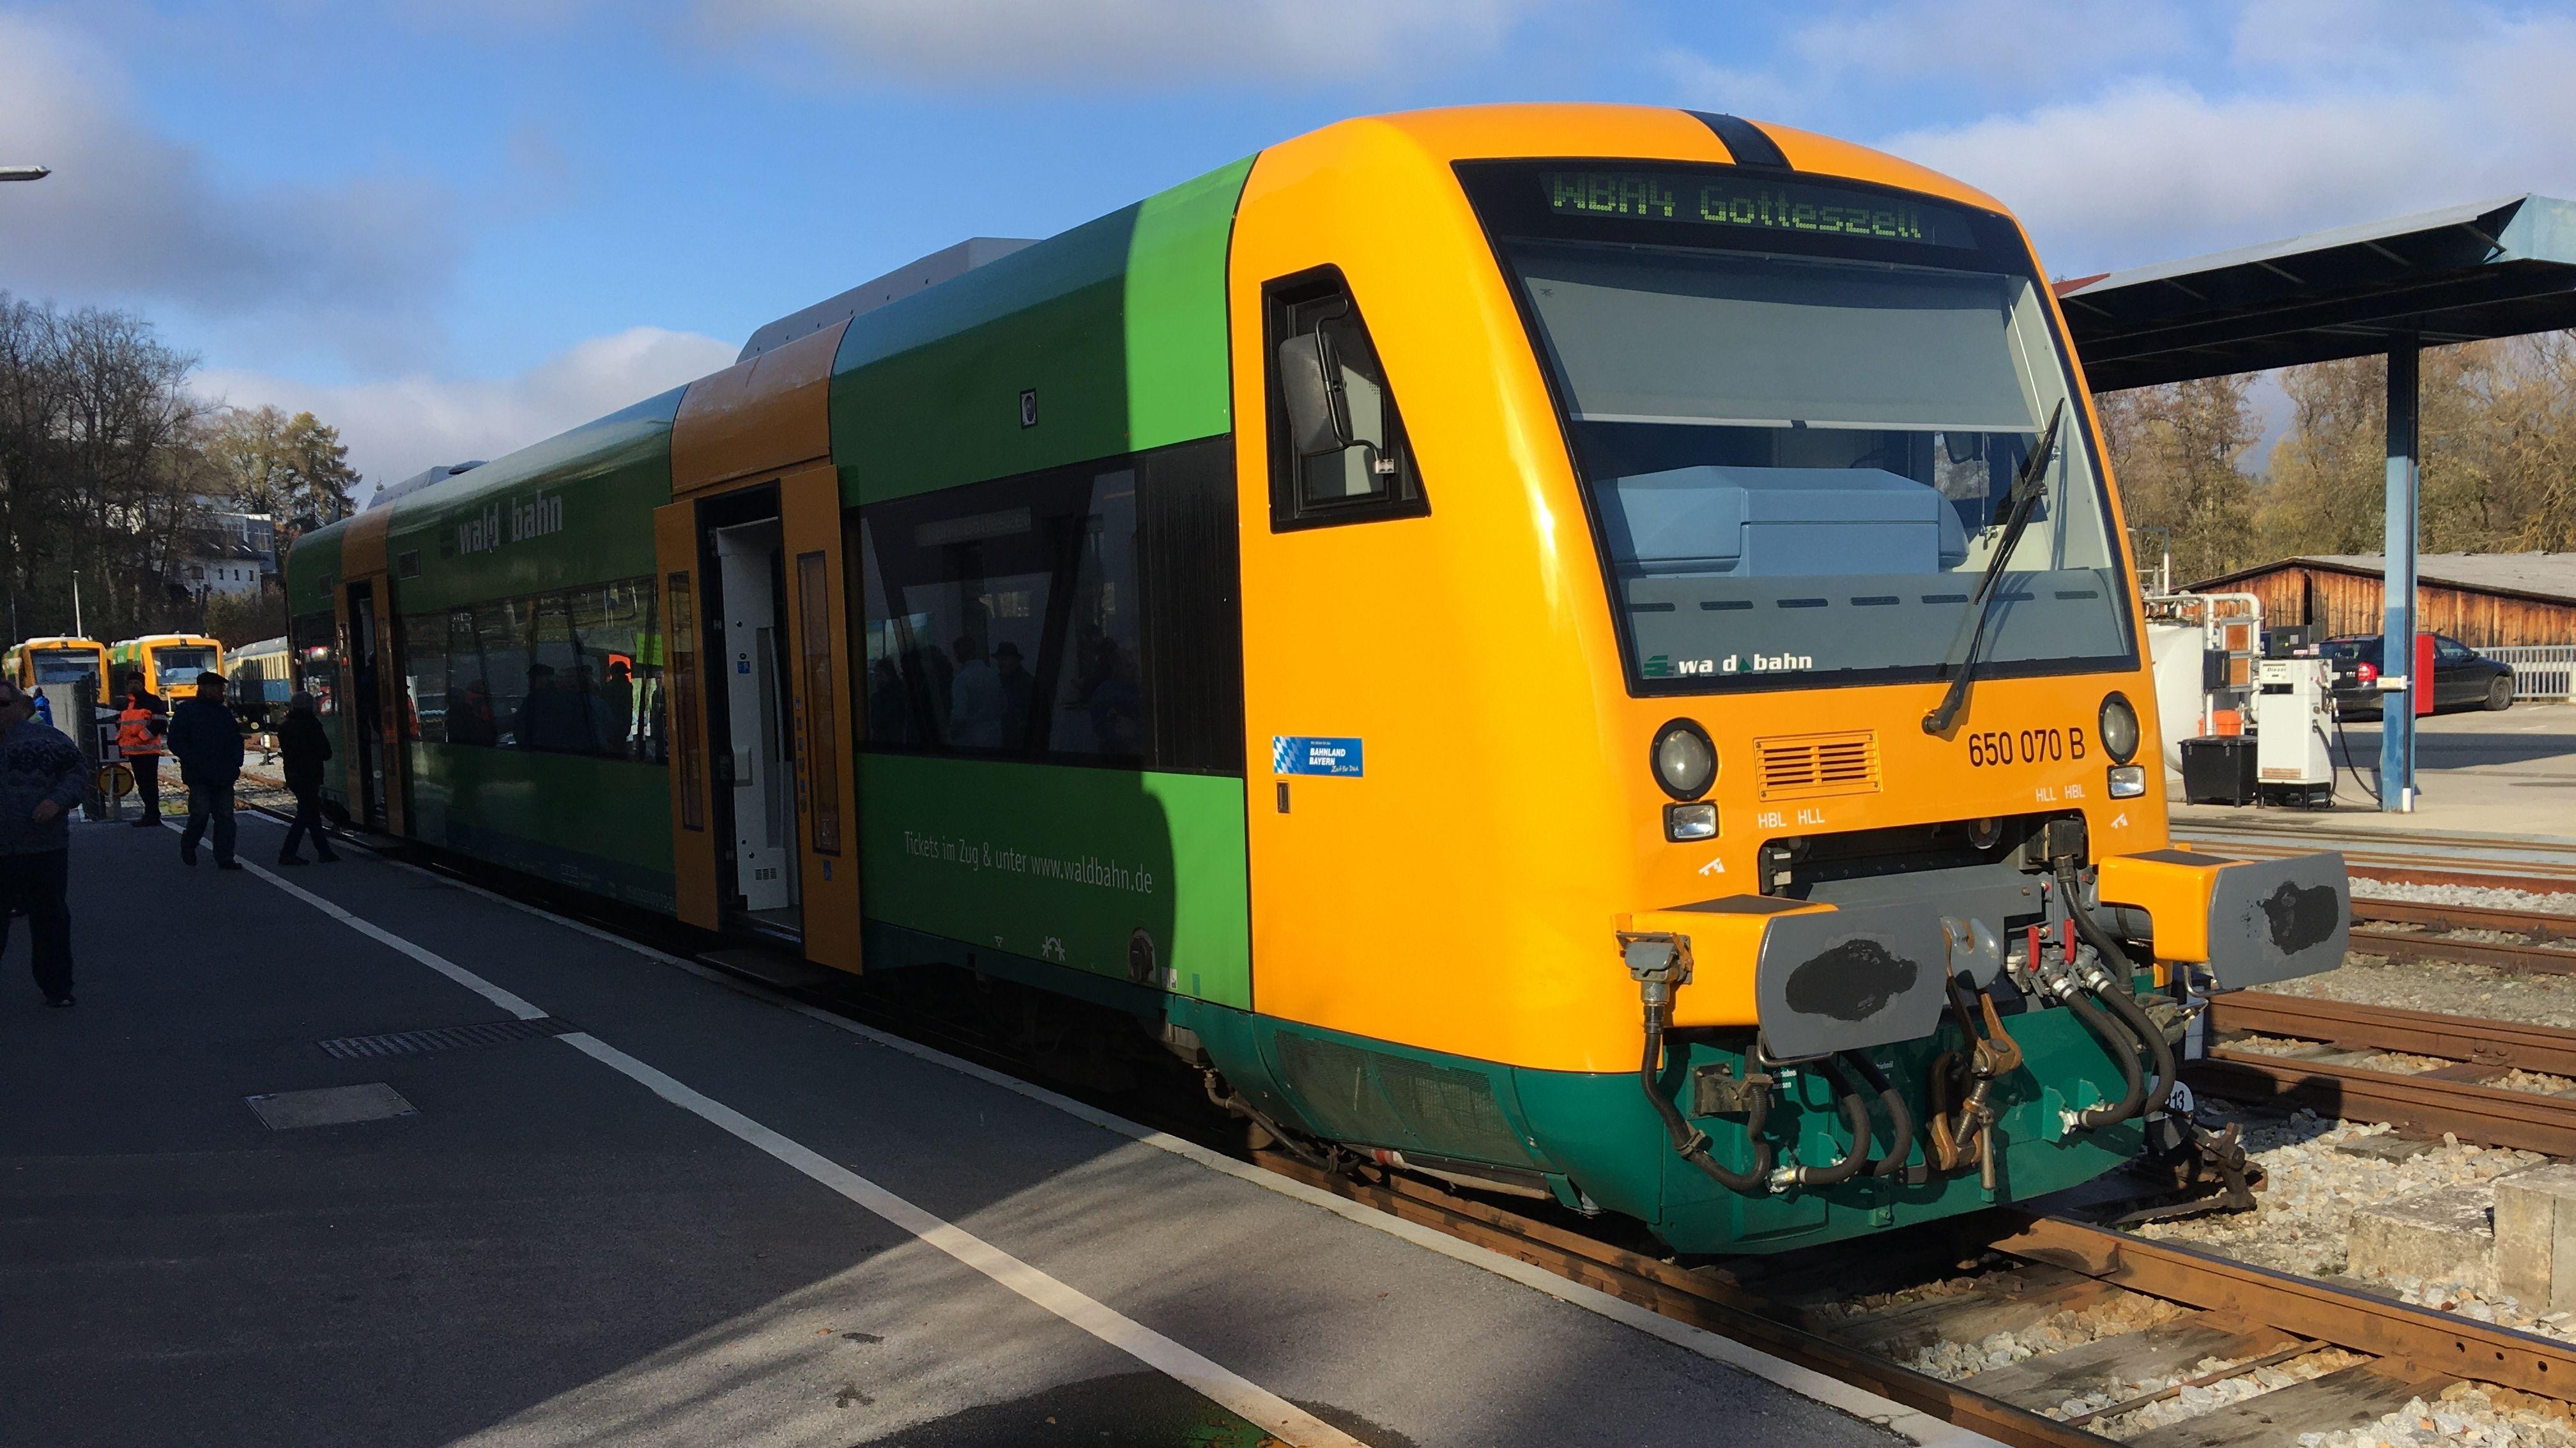 Ziel: Zeigen, wie wichtig die Bahnlinie für die Region ist, auch wenn sie das offiziell geforderte 1000er-Kriterium noch nicht erreicht.